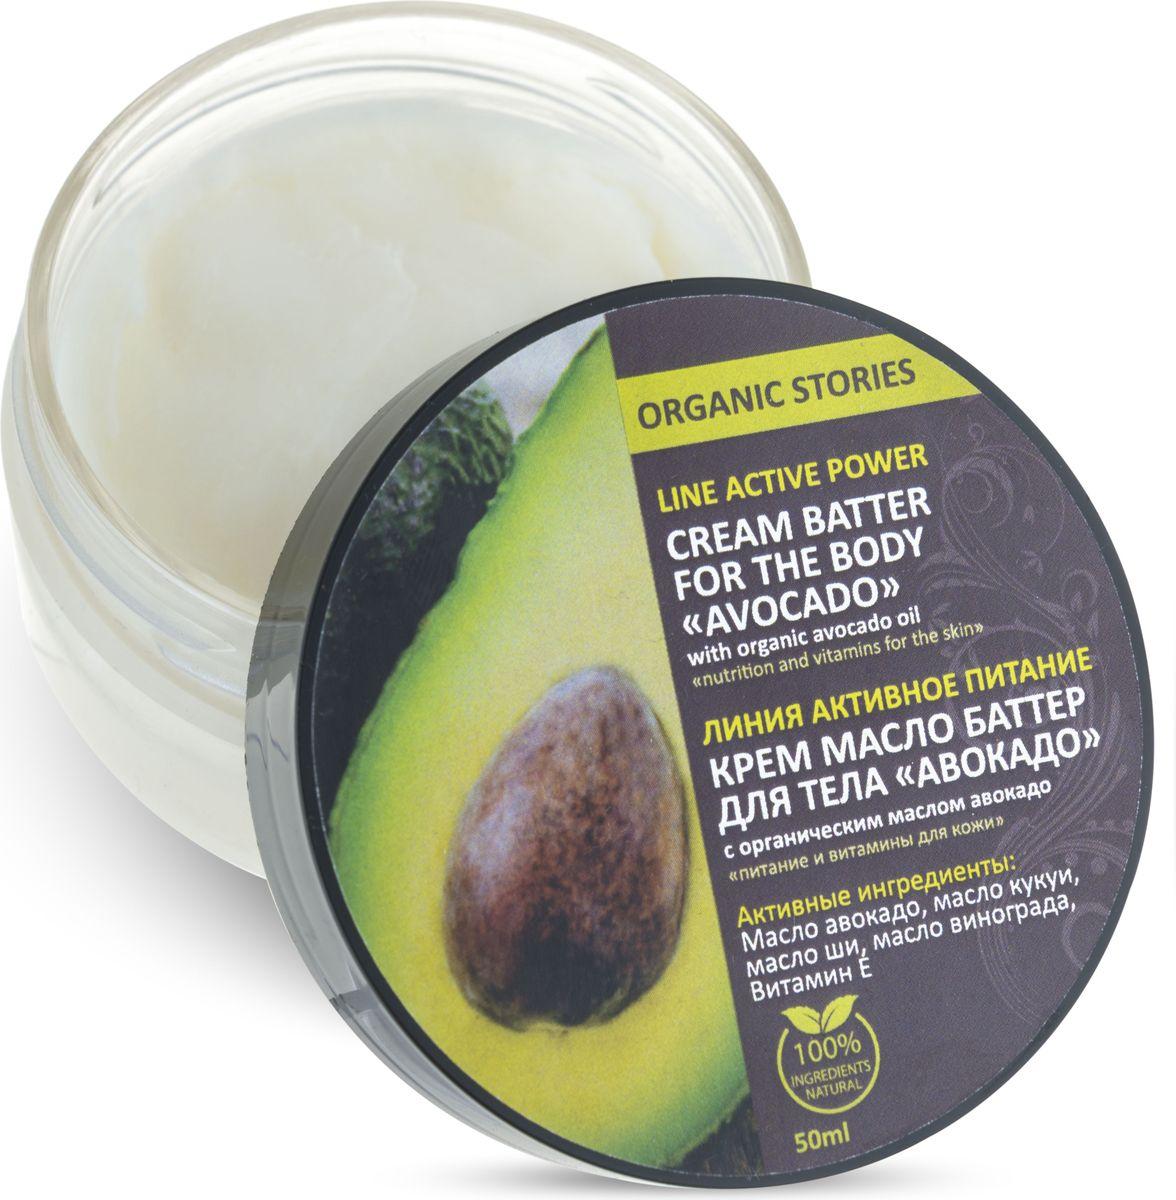 Organic Stories Крем-масло Баттер для тела Авокадо с органическим маслом авокадо Питание и витамины для кожи, 50 мл4631140072563Крем-баттер для тела Питание и витамины для кожи с маслом авокадо. Содержит 25% масел, способствует питанию кожи и улучшению ее внешнего вида. Тонизирует, повышает эластичность кожи. Крем обладает плотной текстурой, но при этом хорошо впитывается в кожу тела и не оставляет после себя жирных следов. Рекомендуется в качестве ежедневного ухода за всеми типами кожи. Не содержит Силиконов.